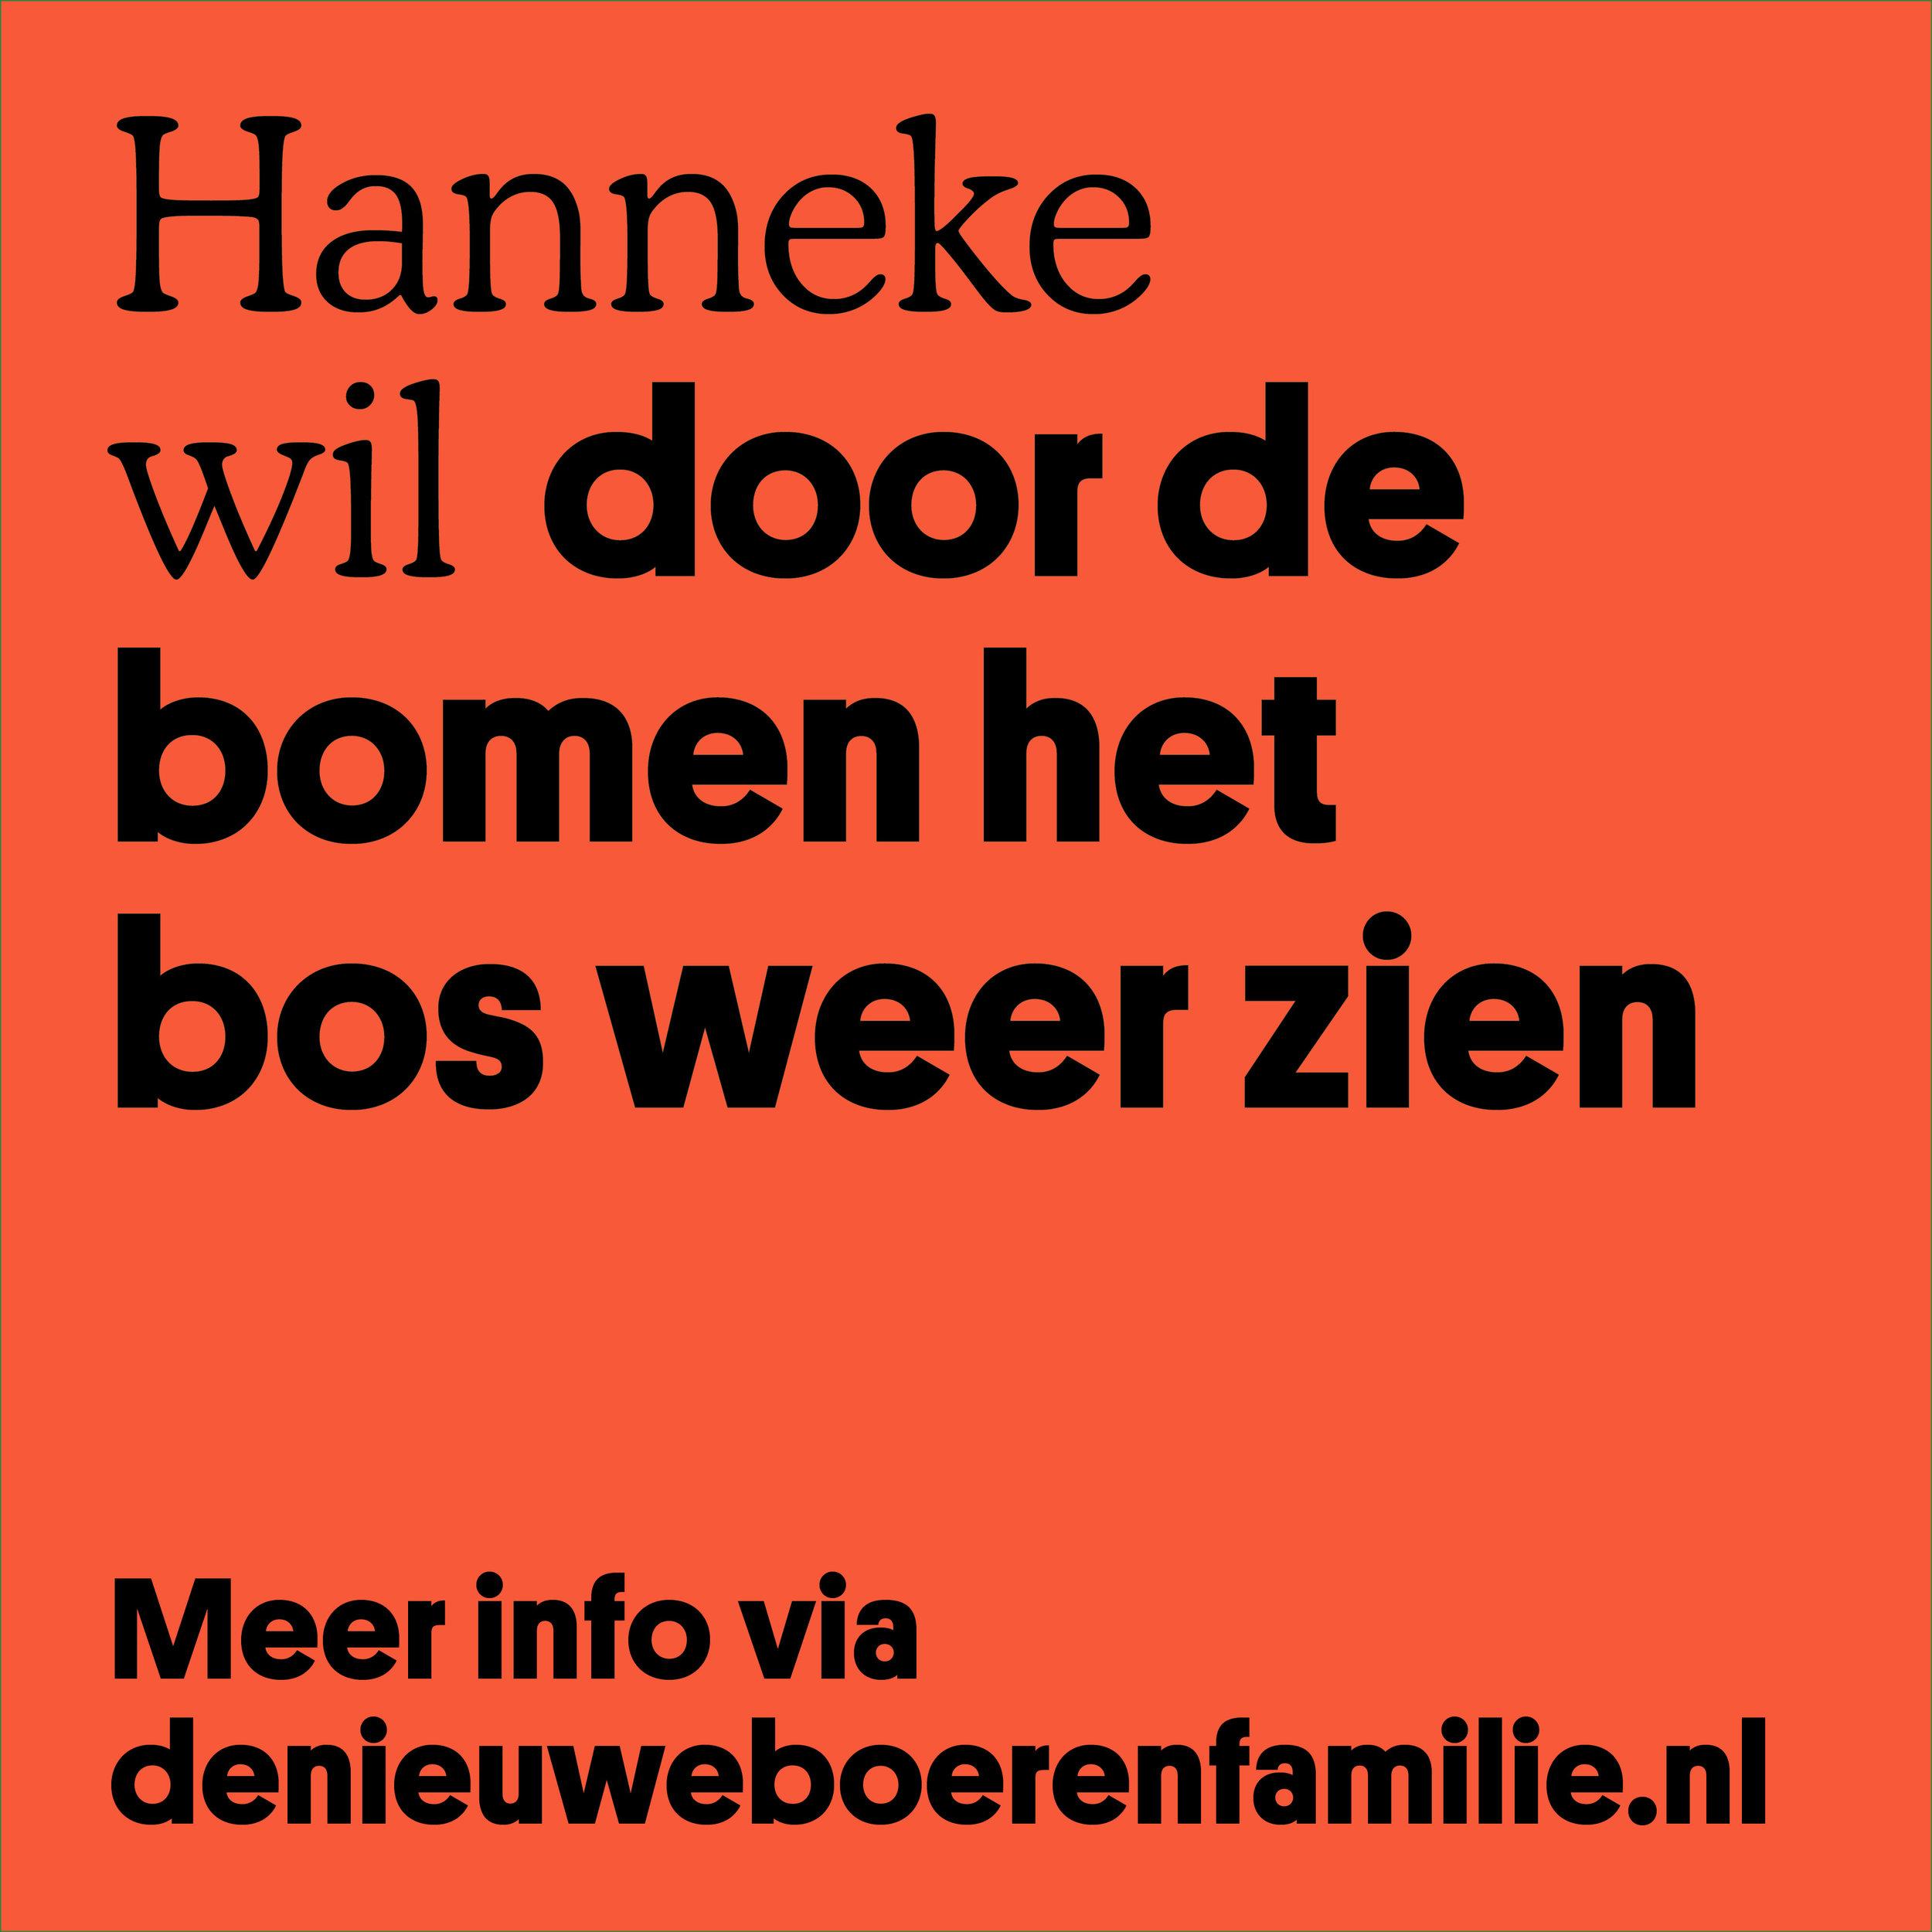 Hanneke2.jpg